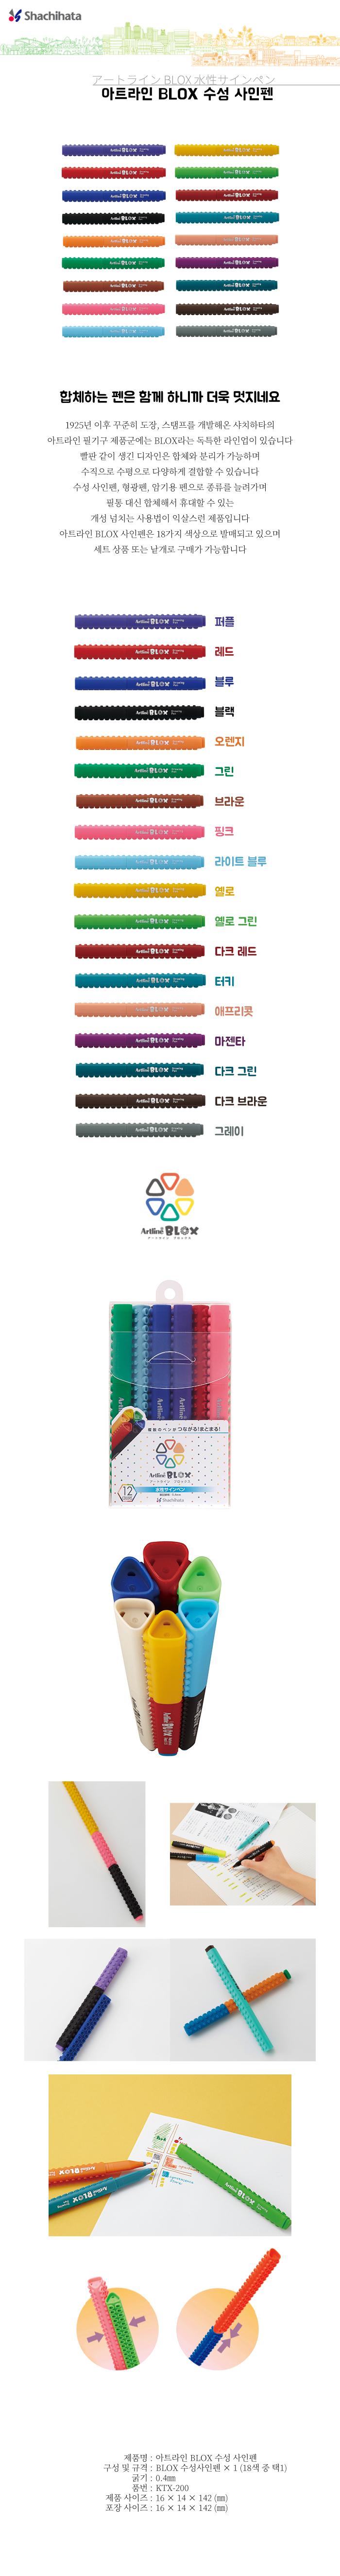 아트라인 BLOX 수성 사인펜 - 캘리하우스, 1,800원, 수성/중성펜, 심플 펜